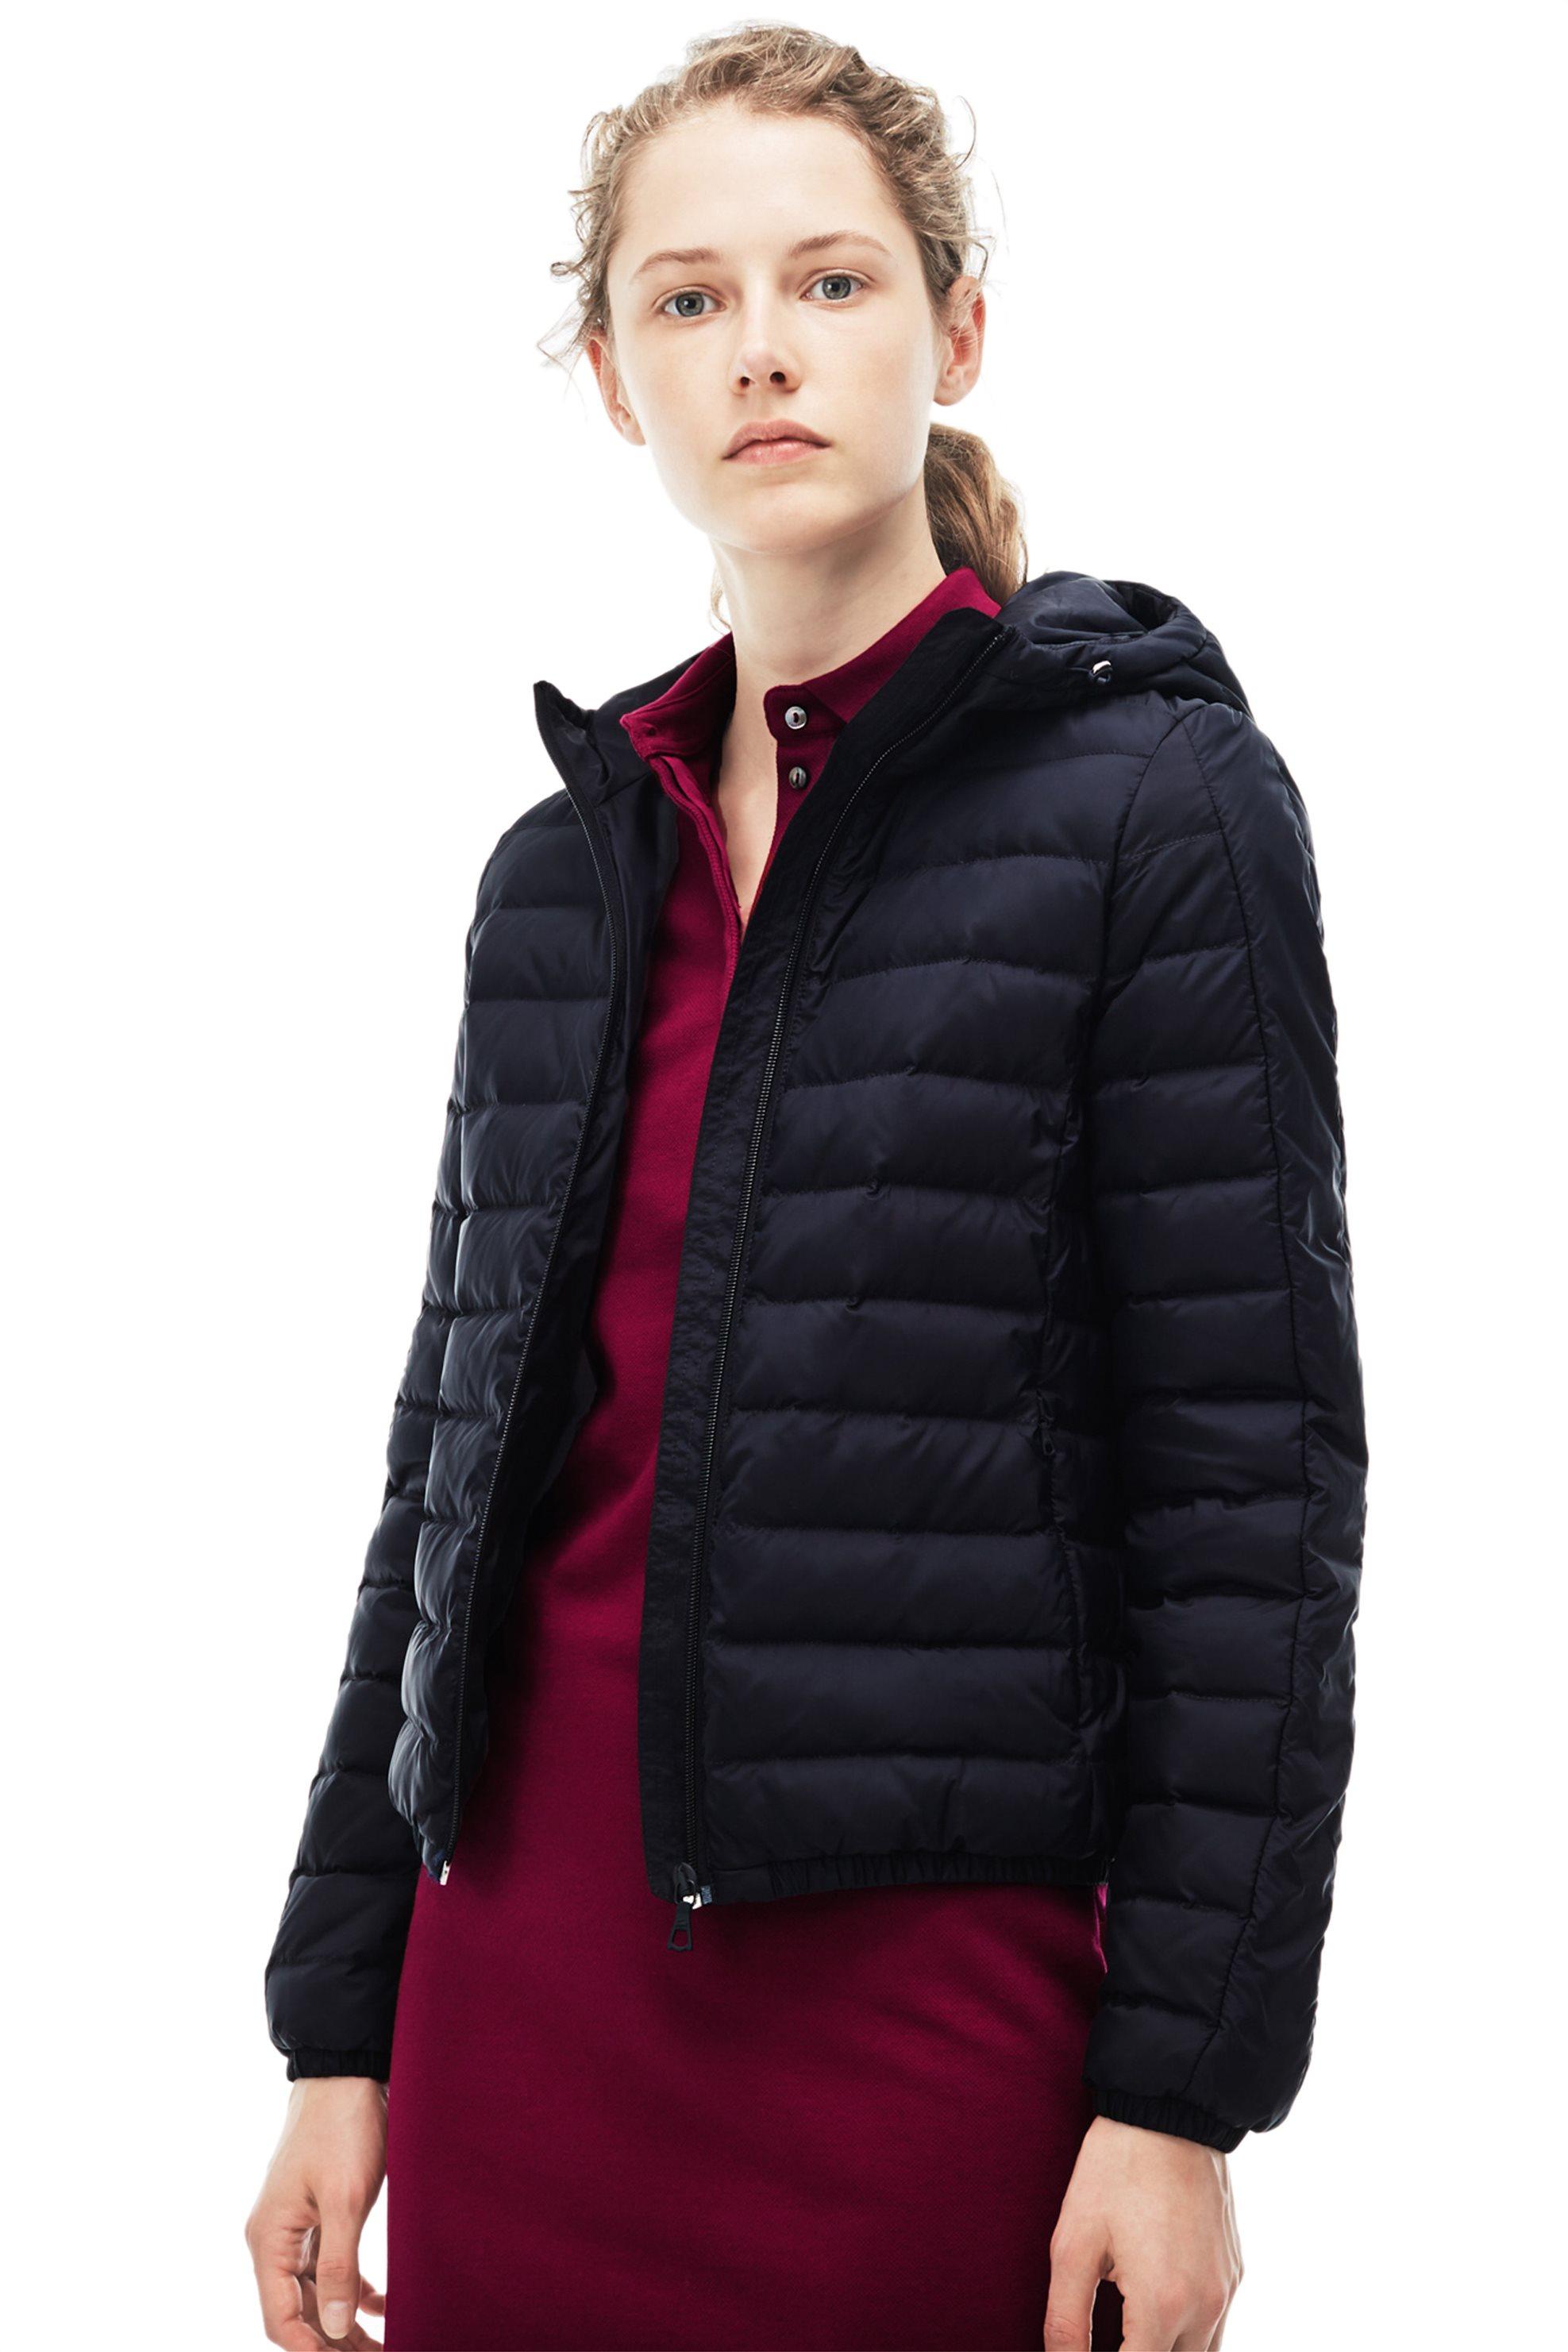 Γυναικείο μπουφάν Lacoste - BF7836 - Μπλε Σκούρο γυναικα   ρουχα   πανωφόρια   μπουφάν   σακάκια